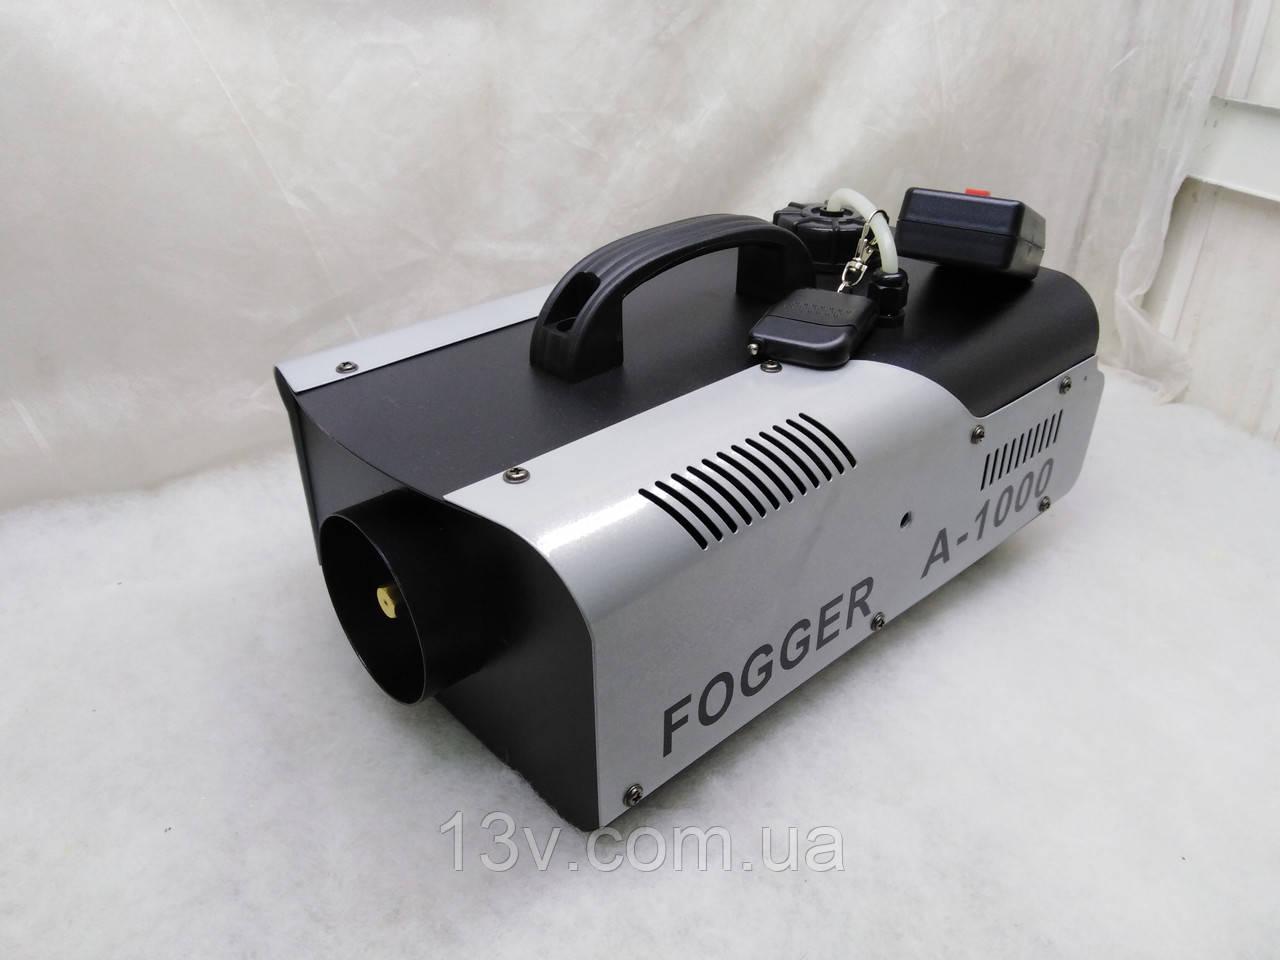 Генератор Диму Polaris  Fogger A1000 ( дым машина ) (радіо та дротове керування)